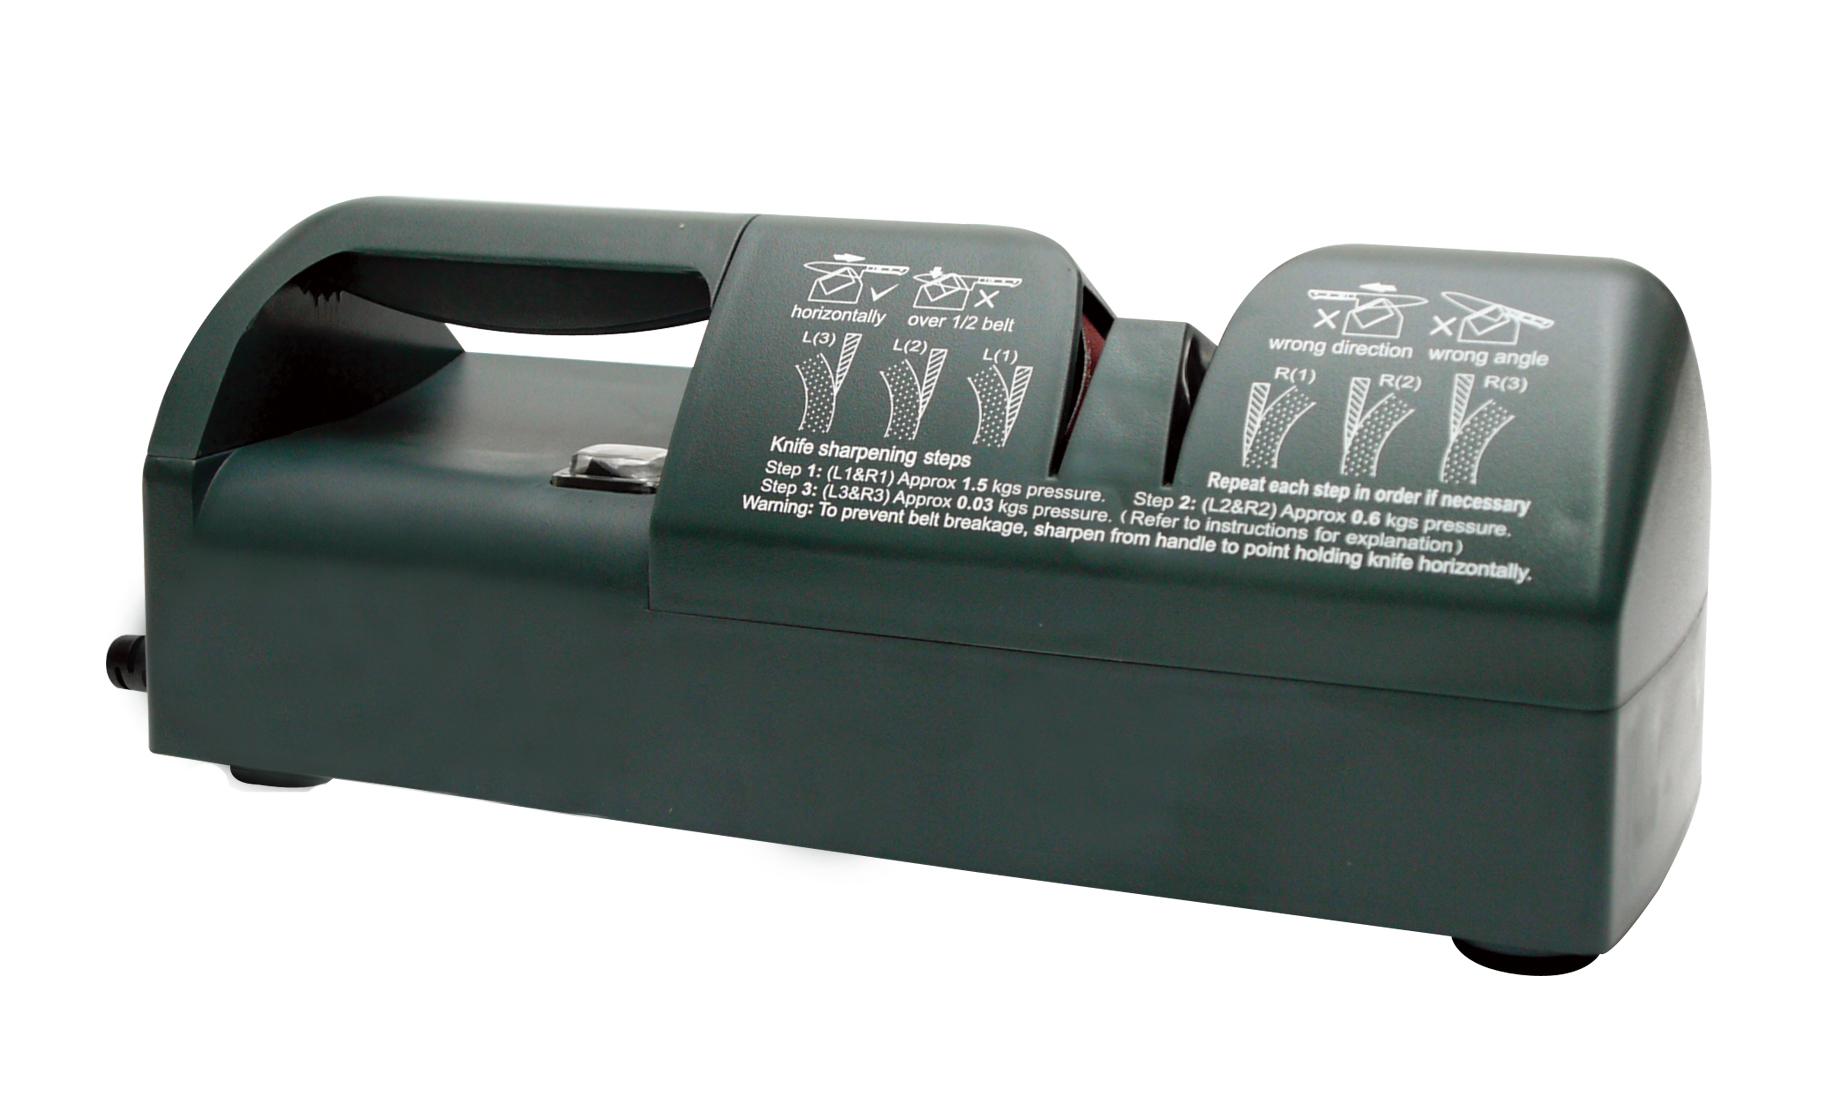 elektrischer messersch rfer modell ke 280 saro. Black Bedroom Furniture Sets. Home Design Ideas